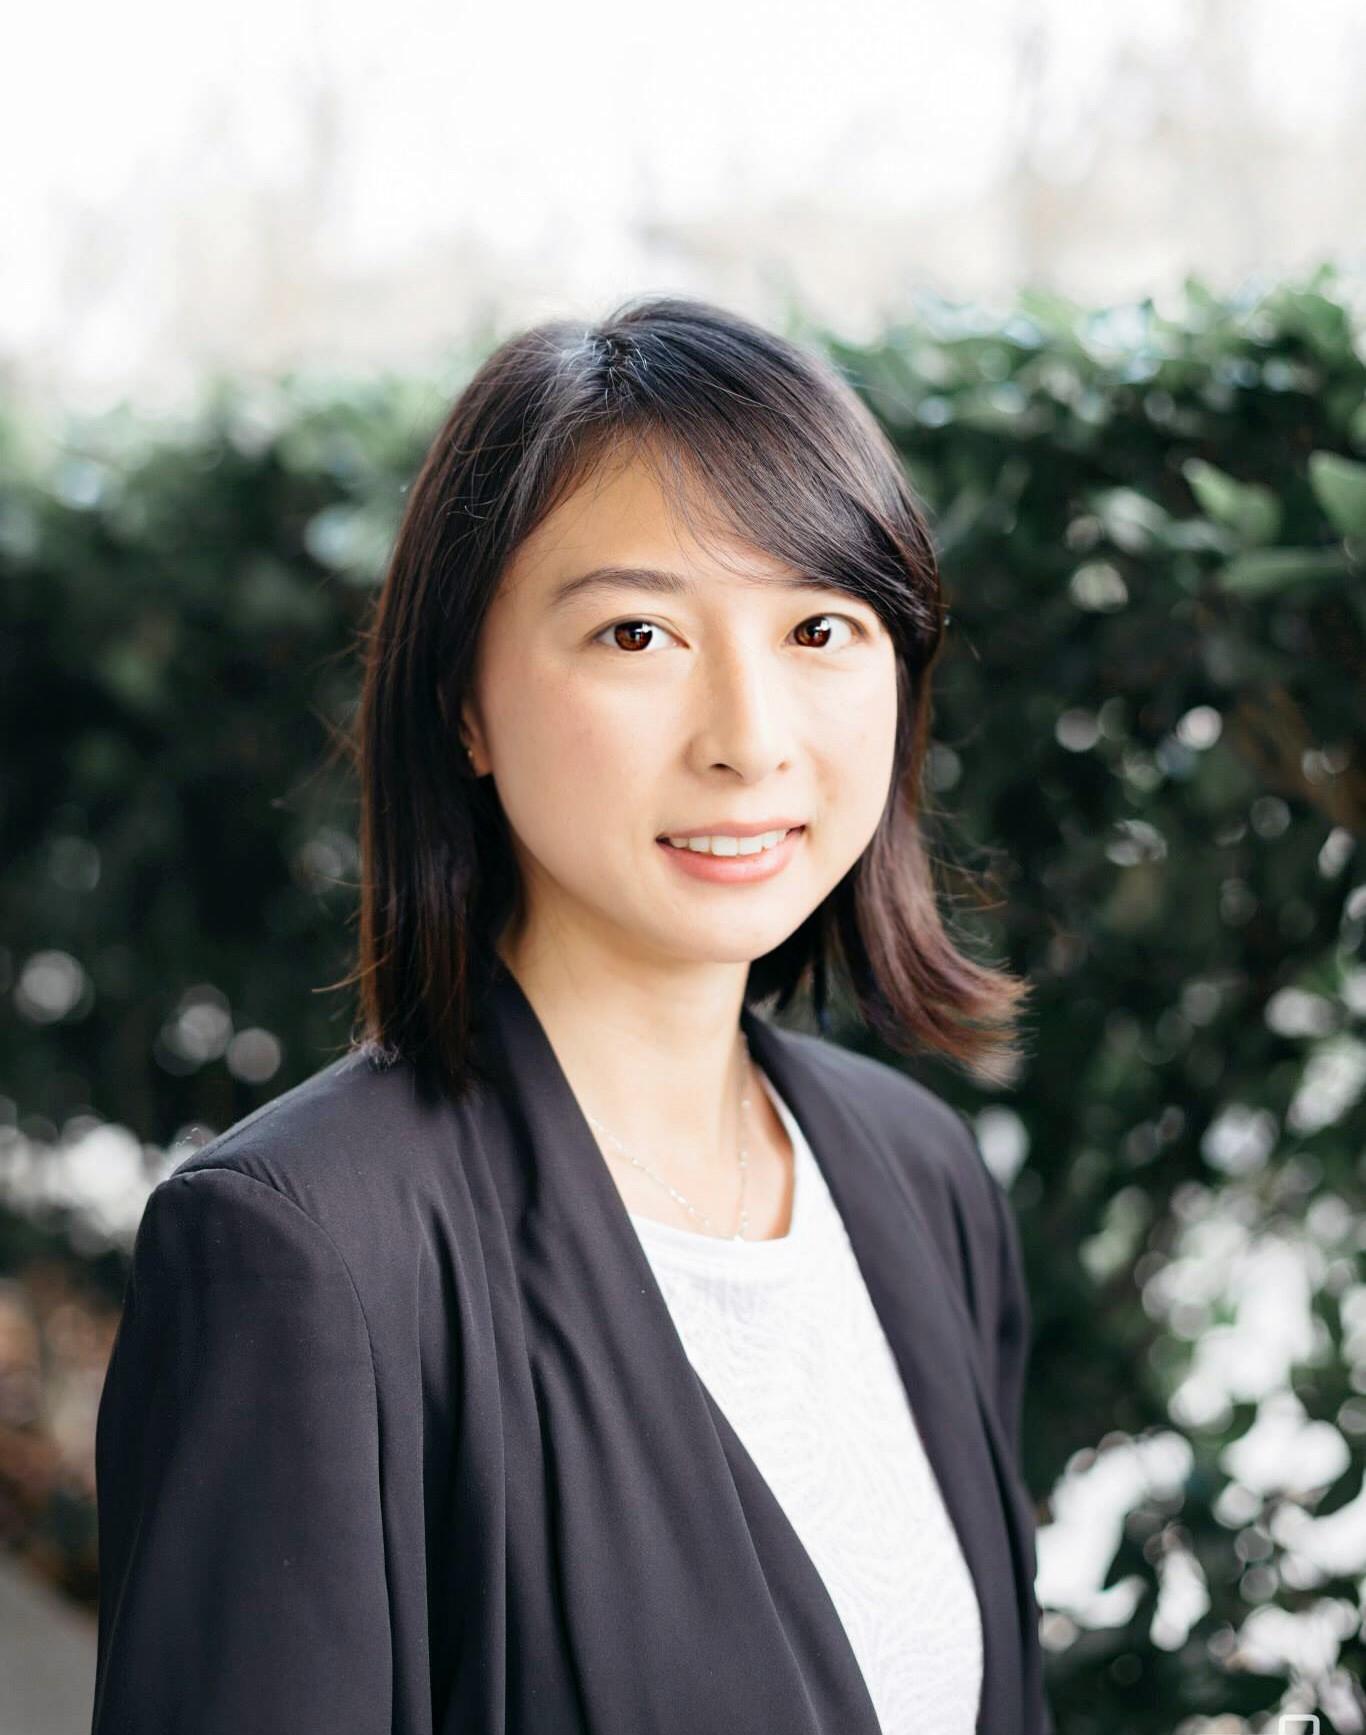 Alyssa Tao